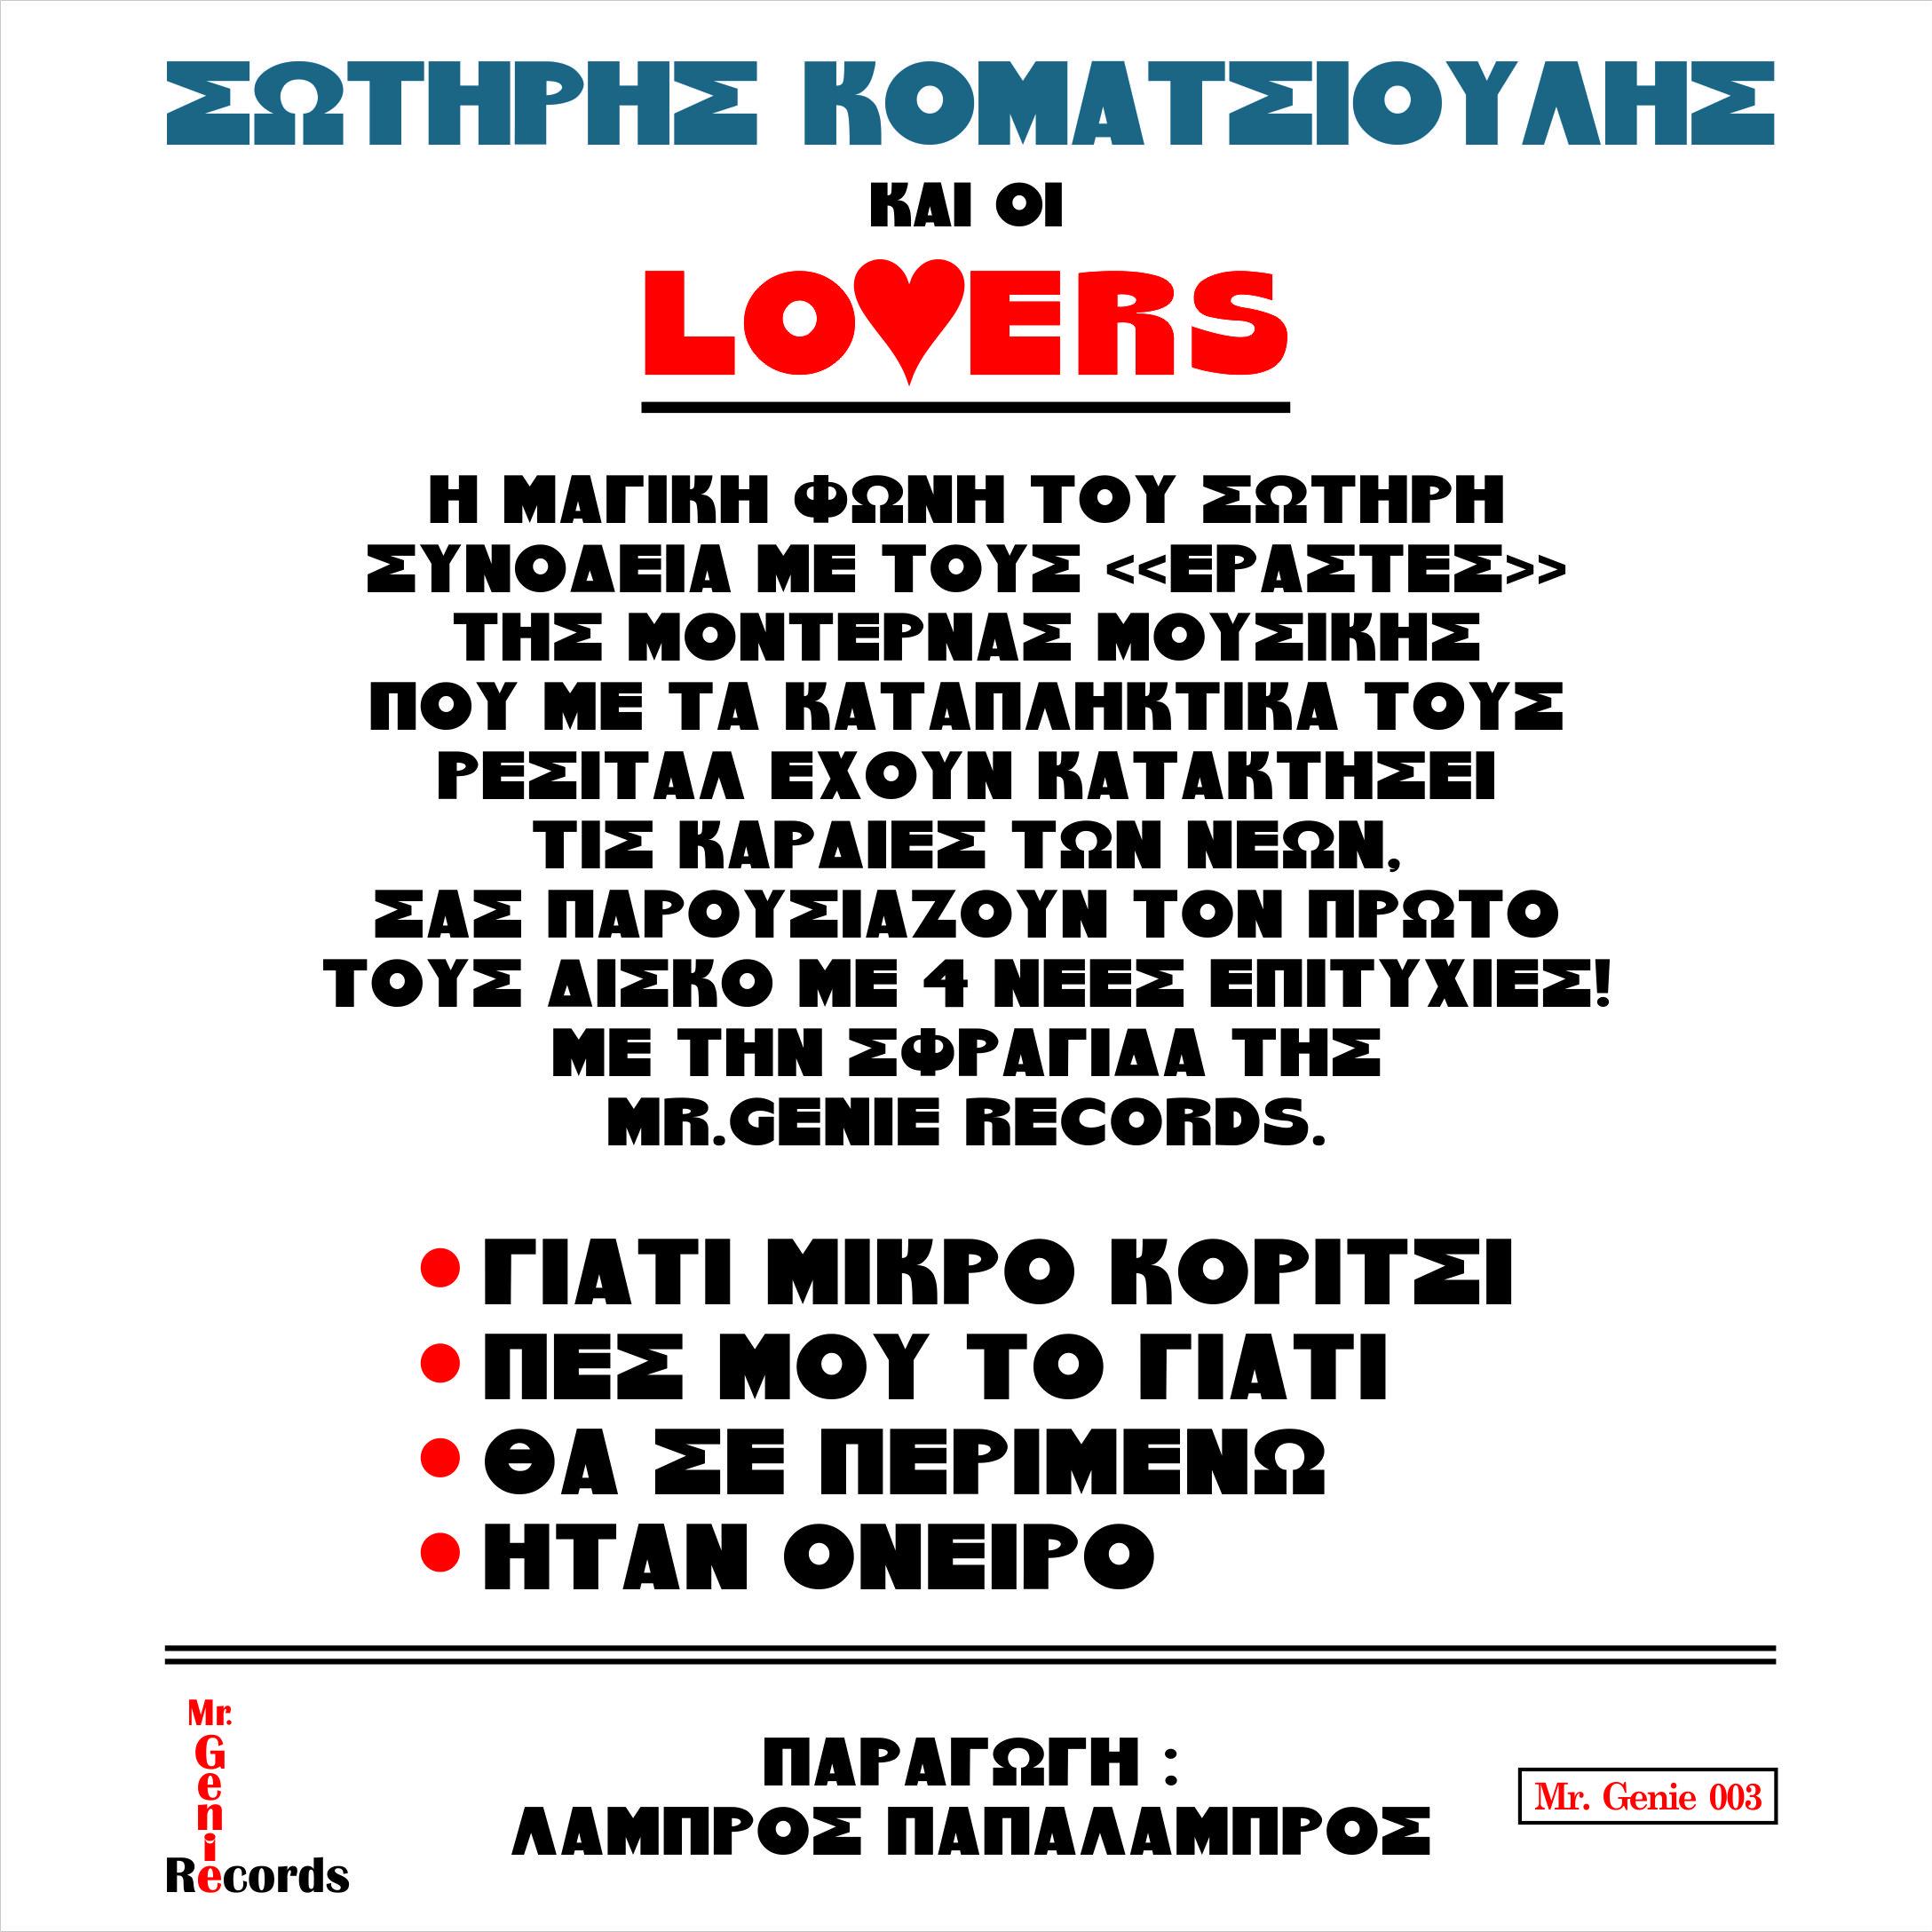 komatsoulisB2